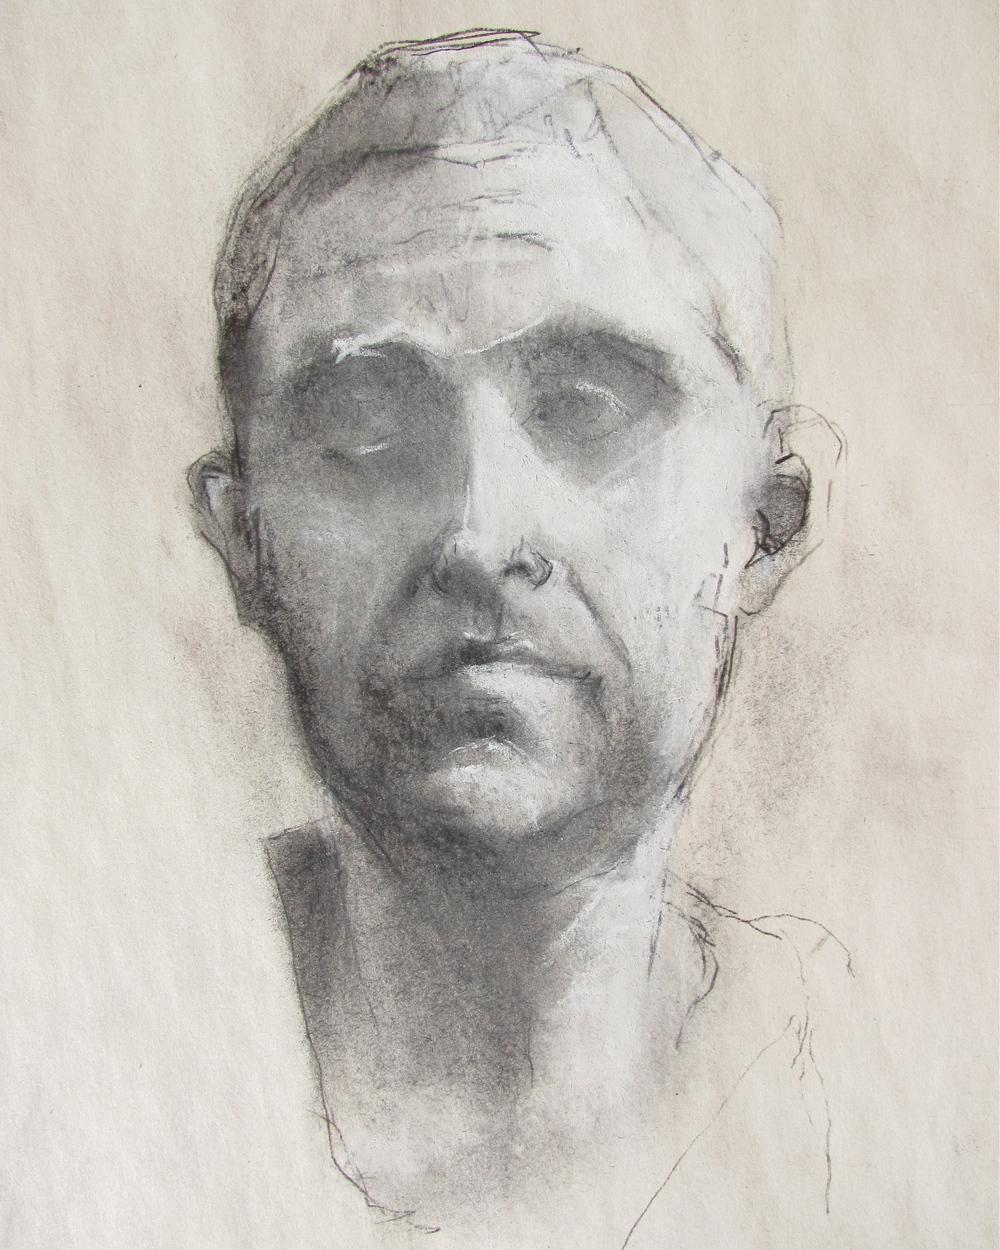 60th St. Portrait #14